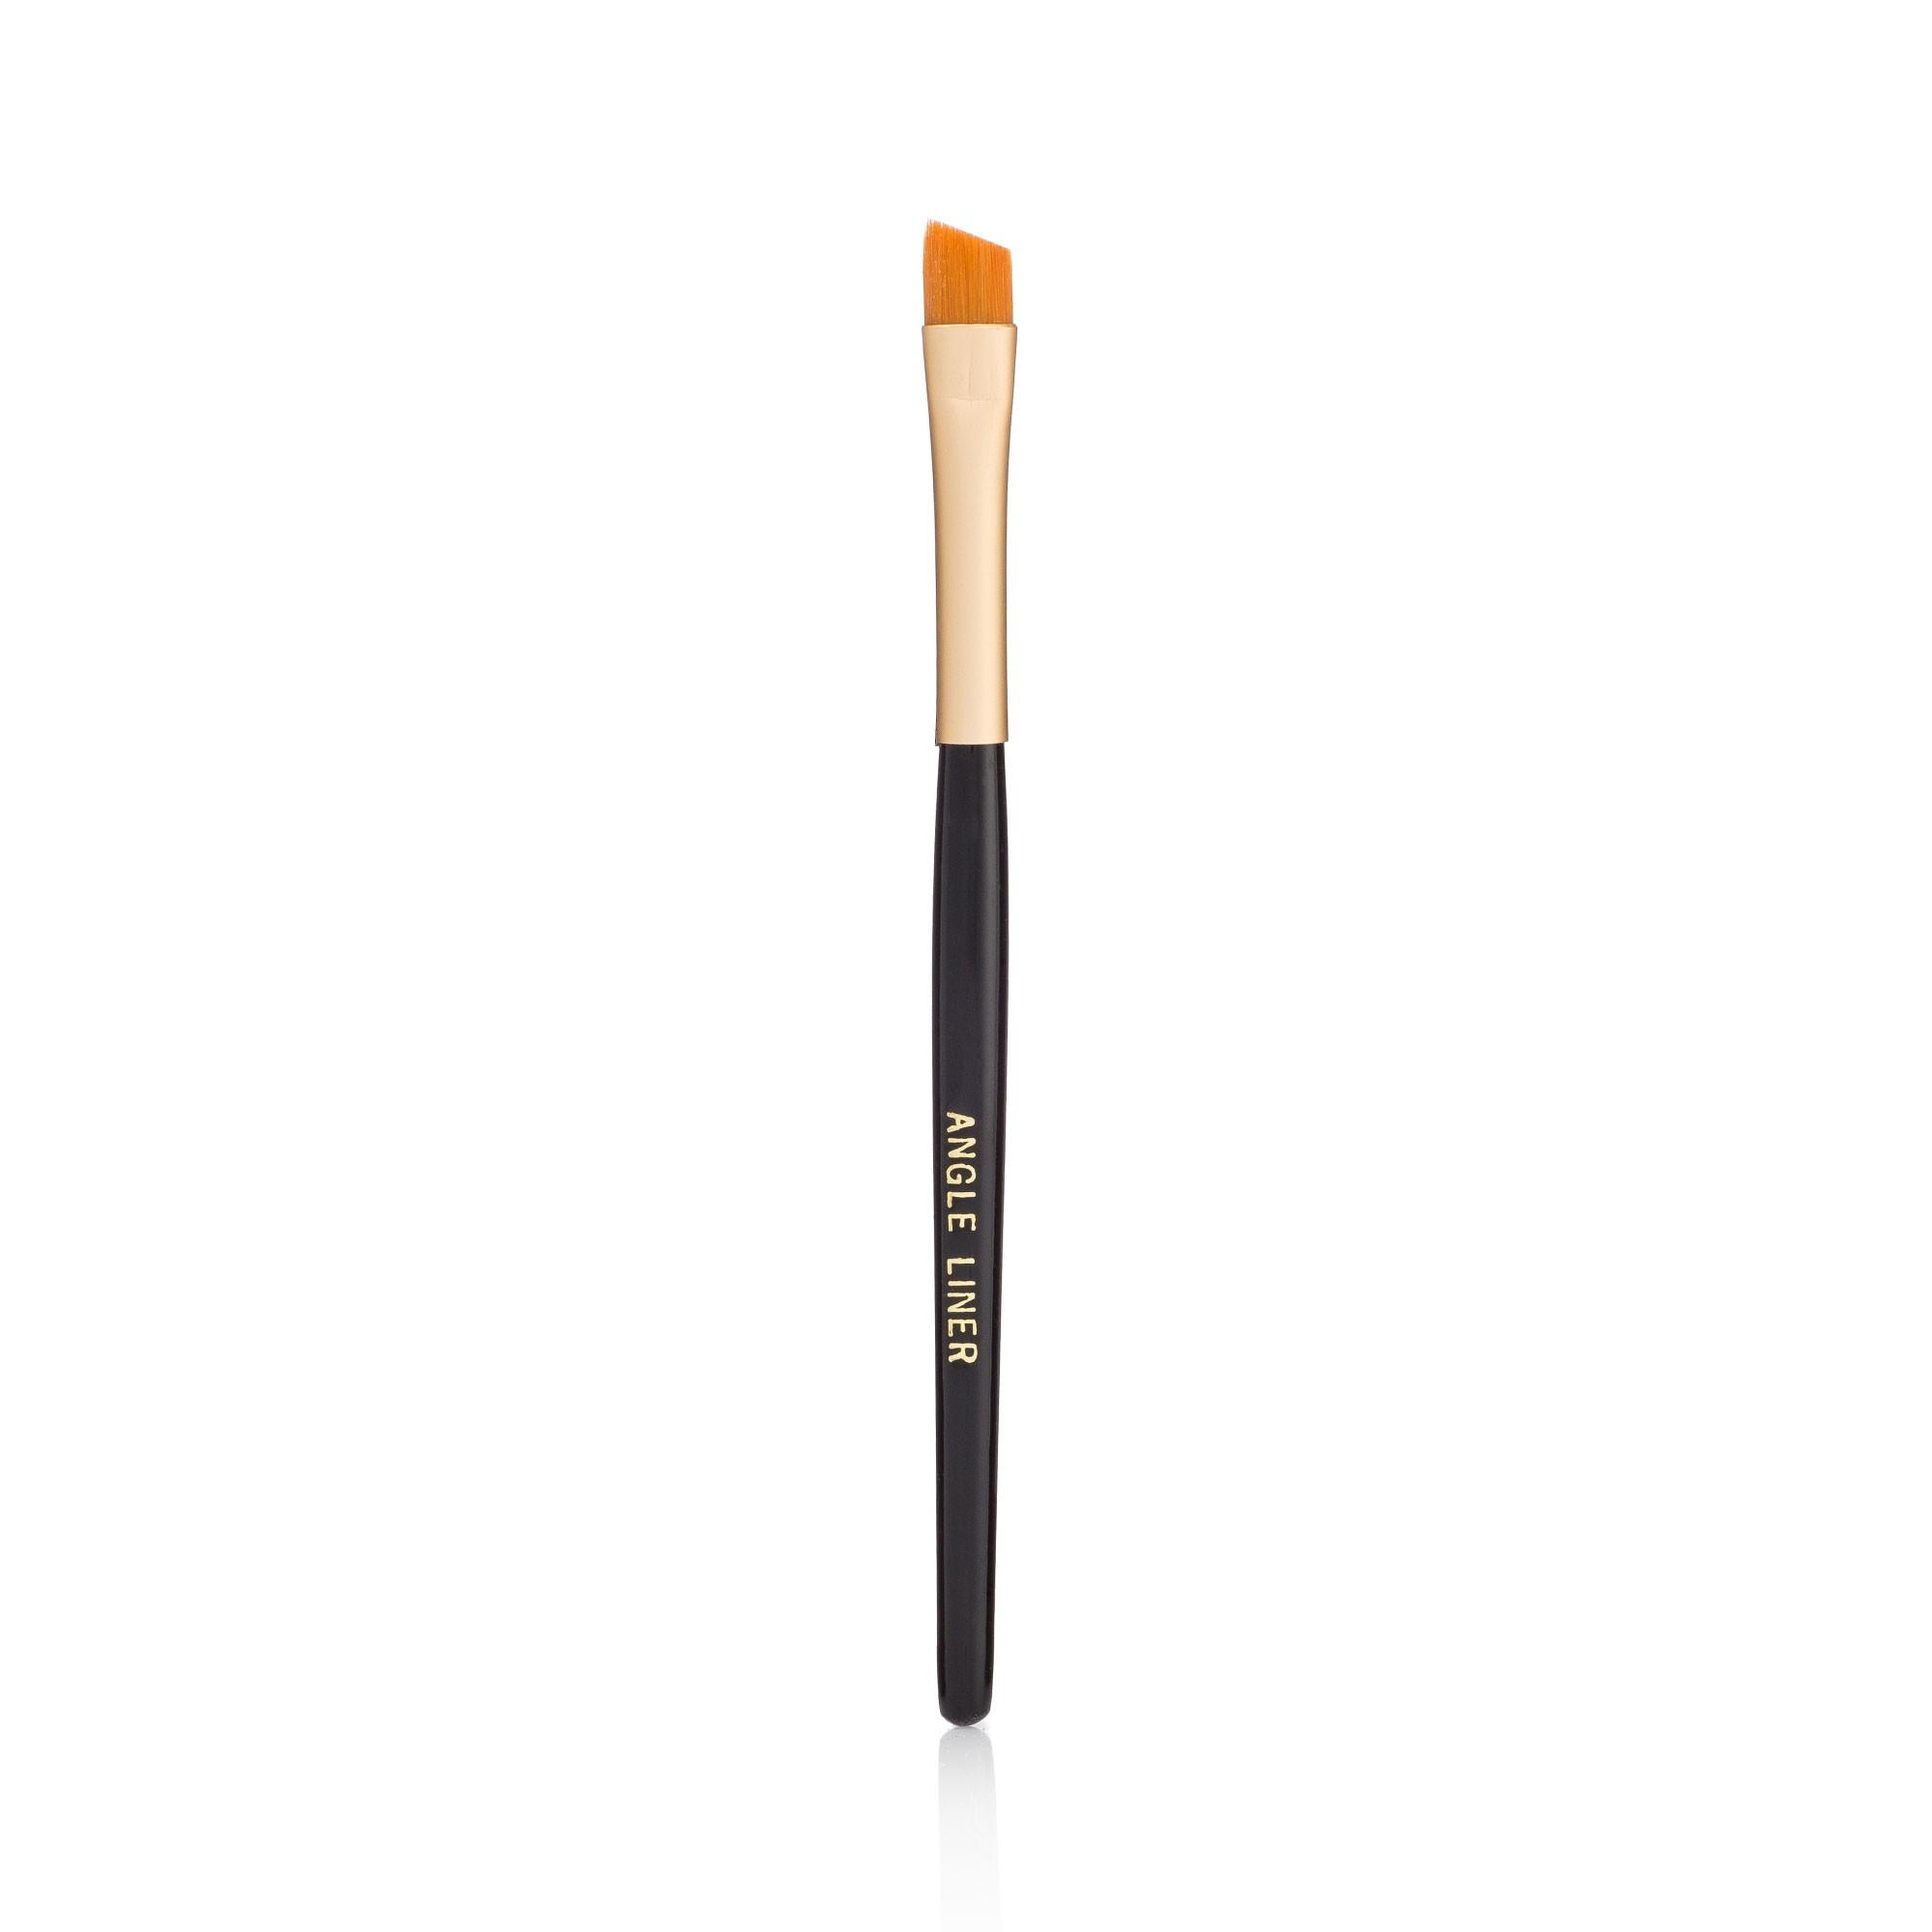 Angle Liner Eye Brush - USA Made